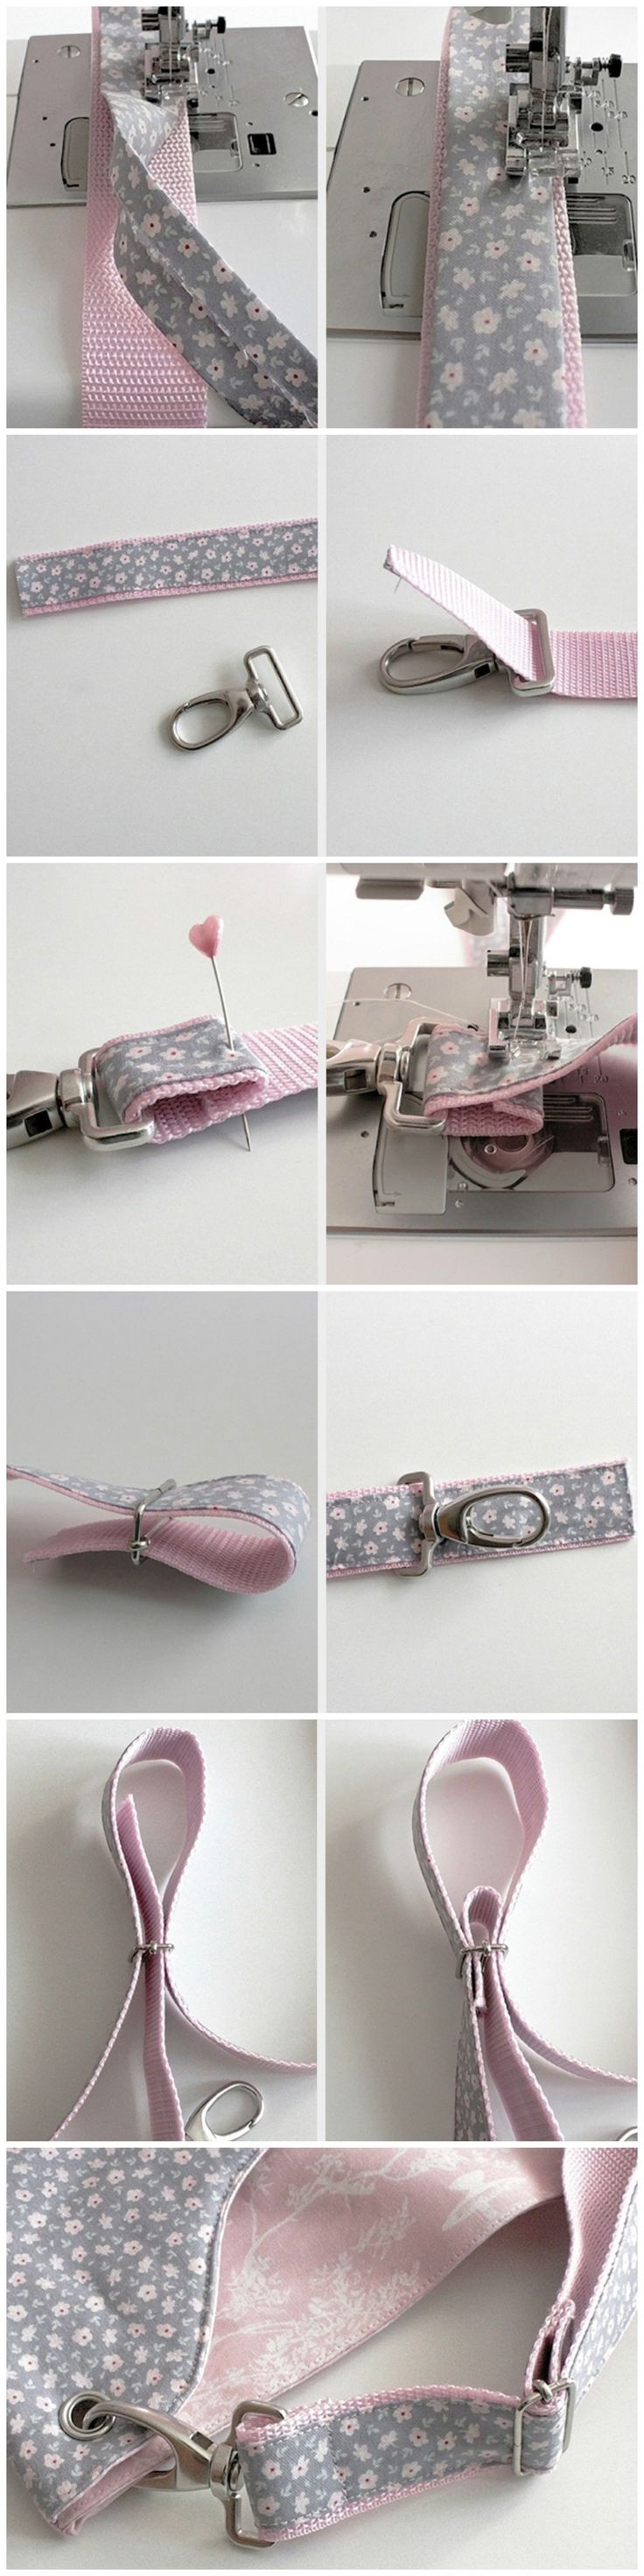 Tutoriales DIY: Cómo hacer las asas de un bolso vía DaWanda.com                                                                                                                                                     Más  #dog #dogs #perro                                                                                                                                                                                 Más